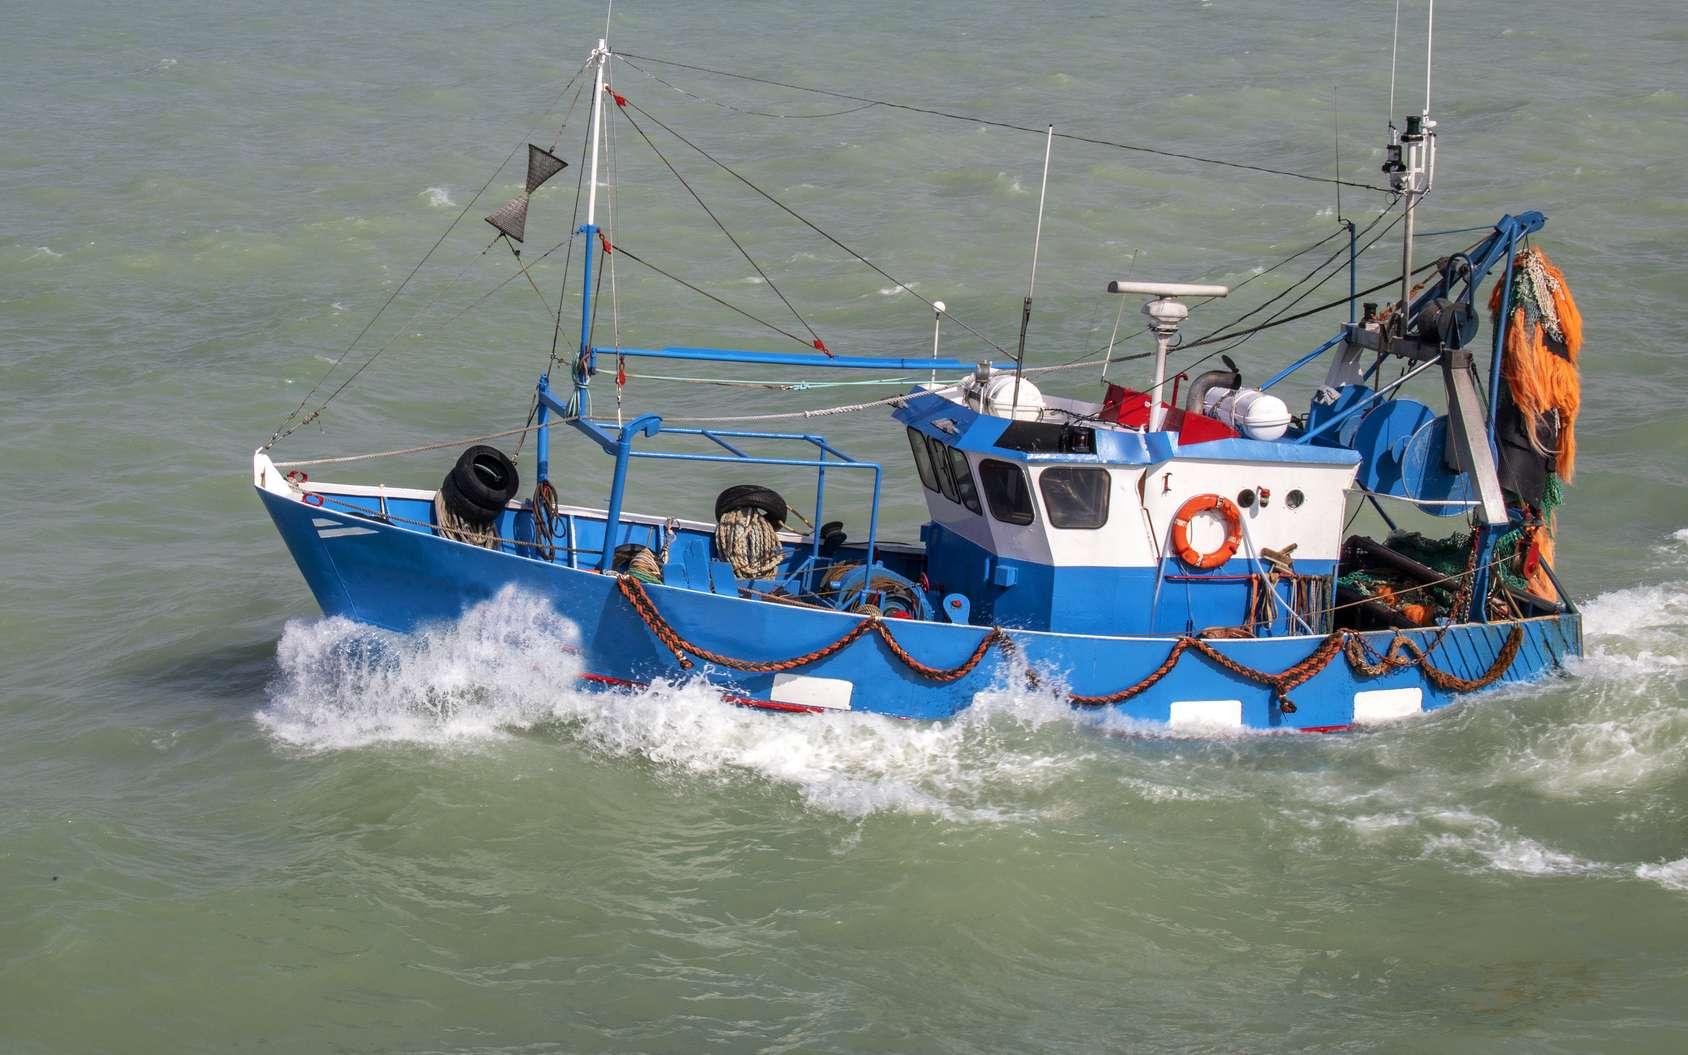 De plus en plus de bateaux, de moins en moins de captures : les stocks de poisson s'amenuisent. © guitou60, Fotolia